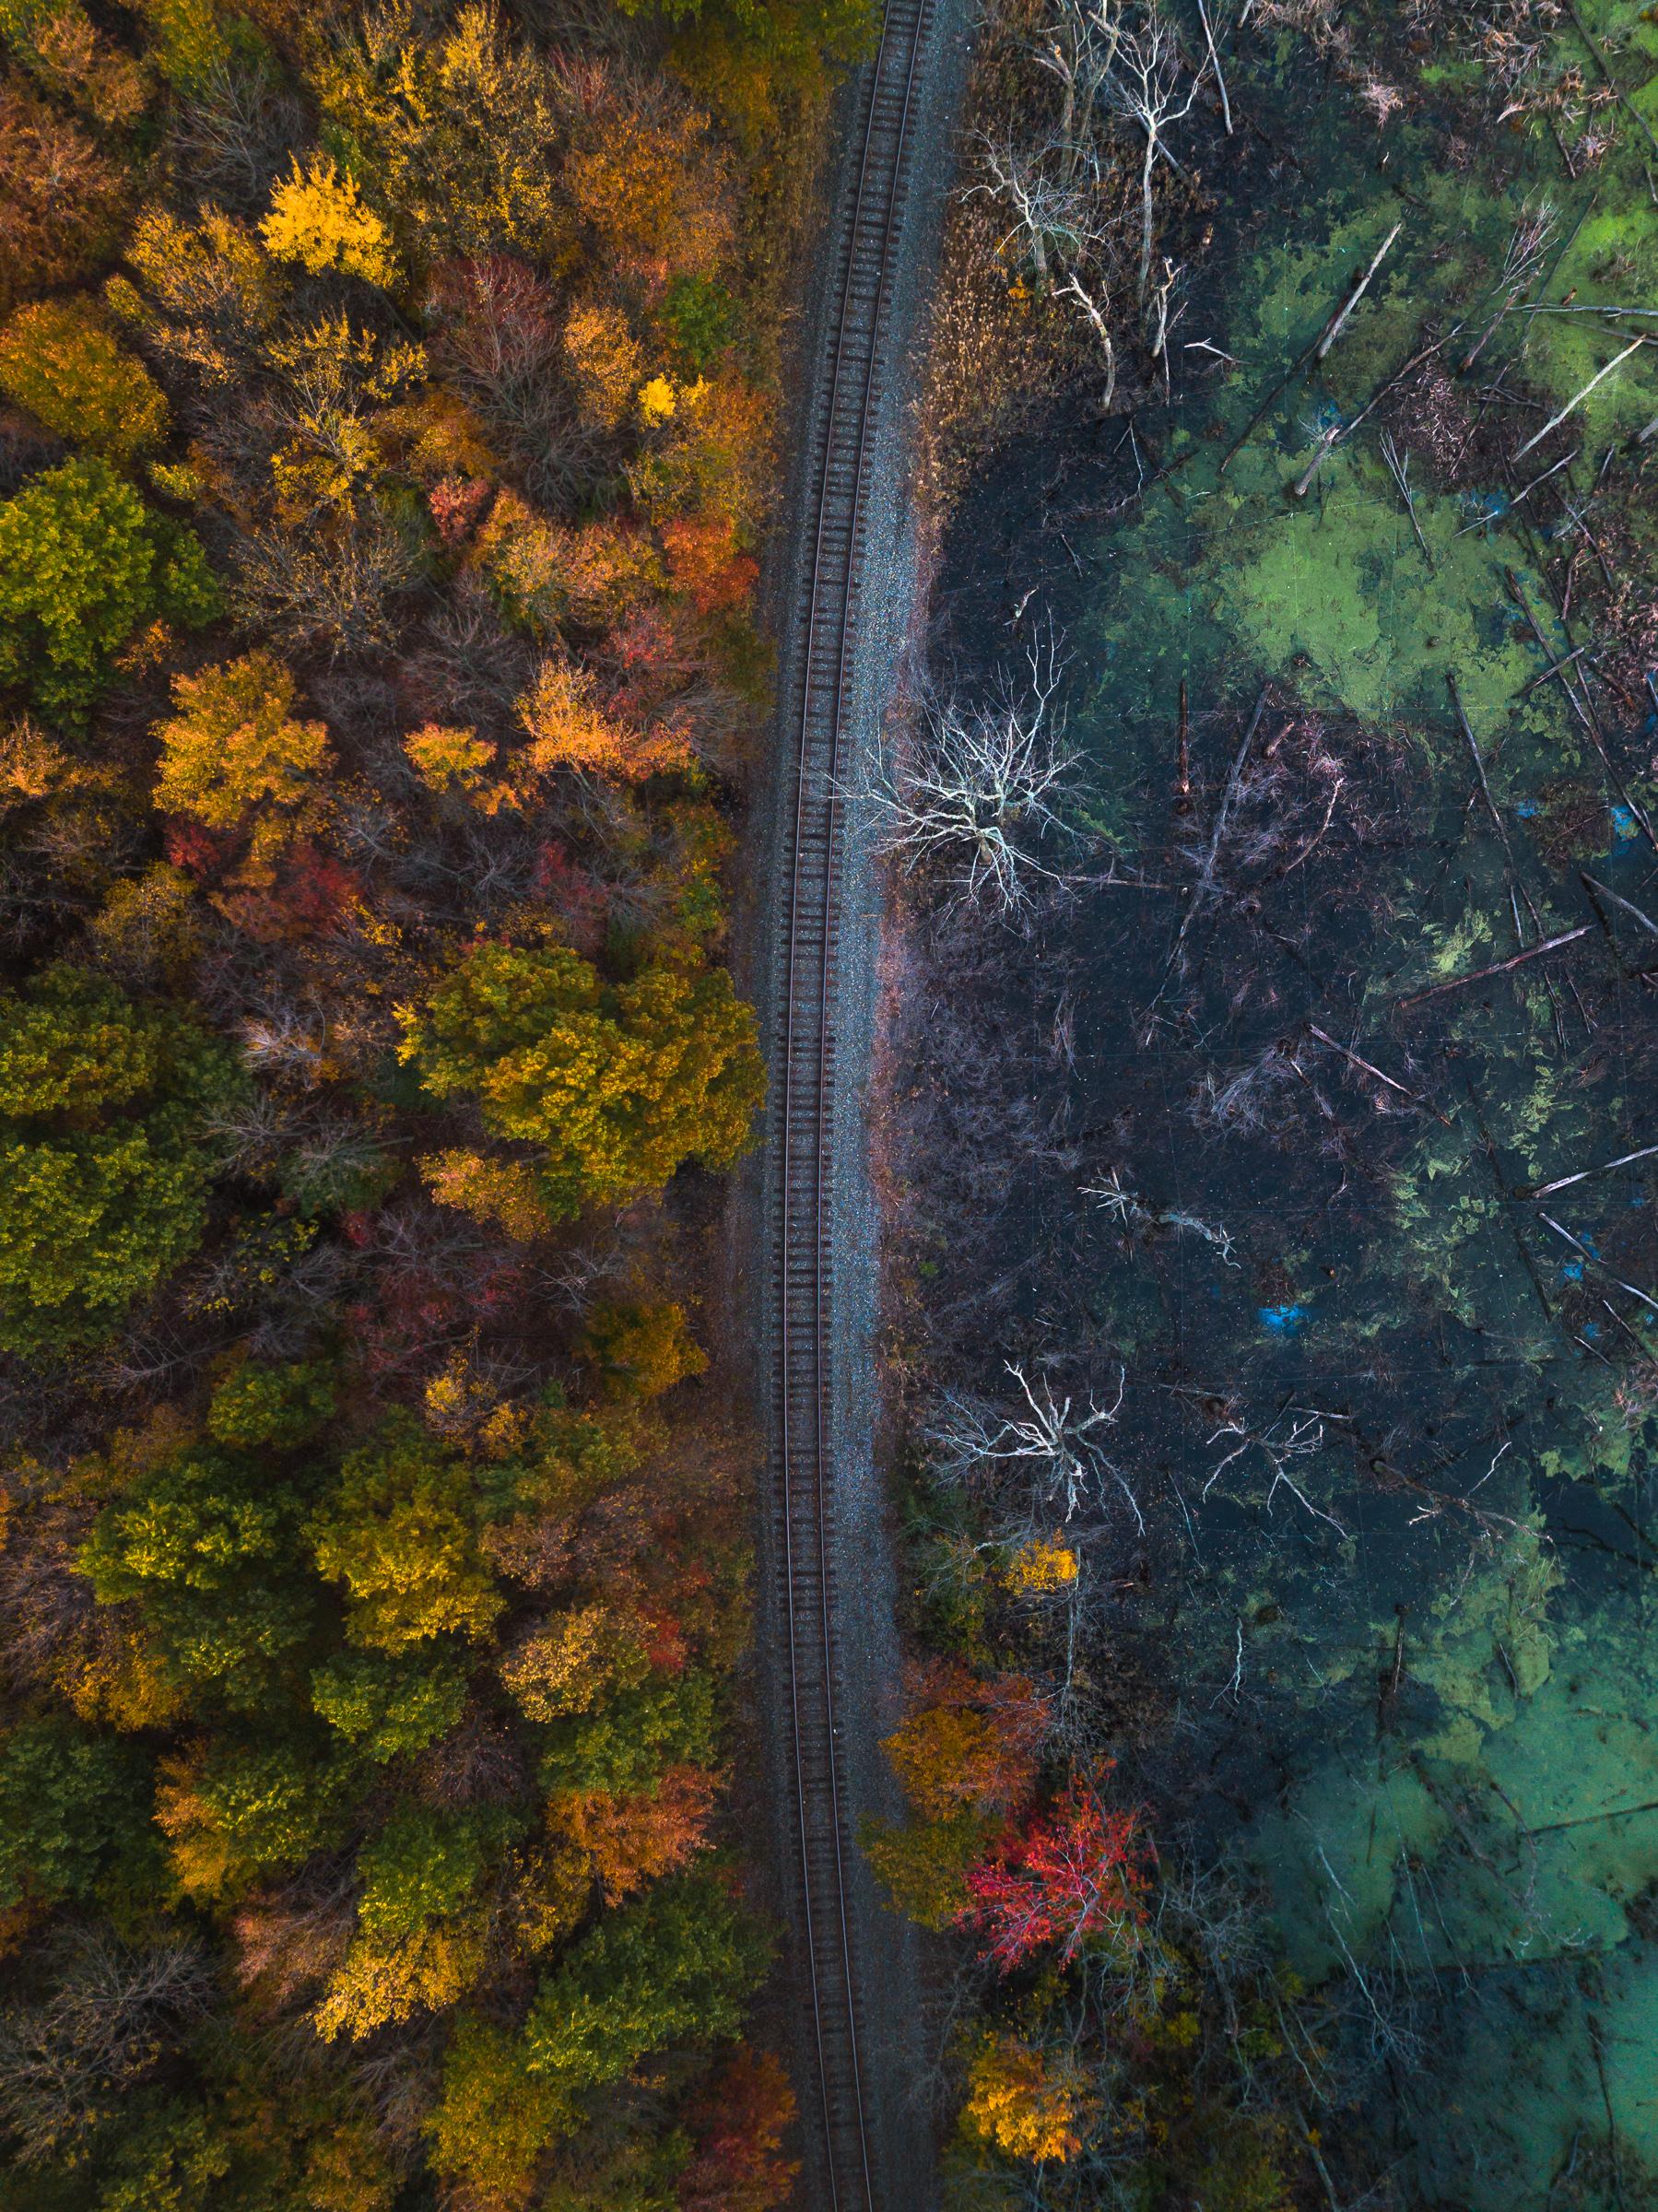 ontheotherside_typoland_aerial-1.jpg